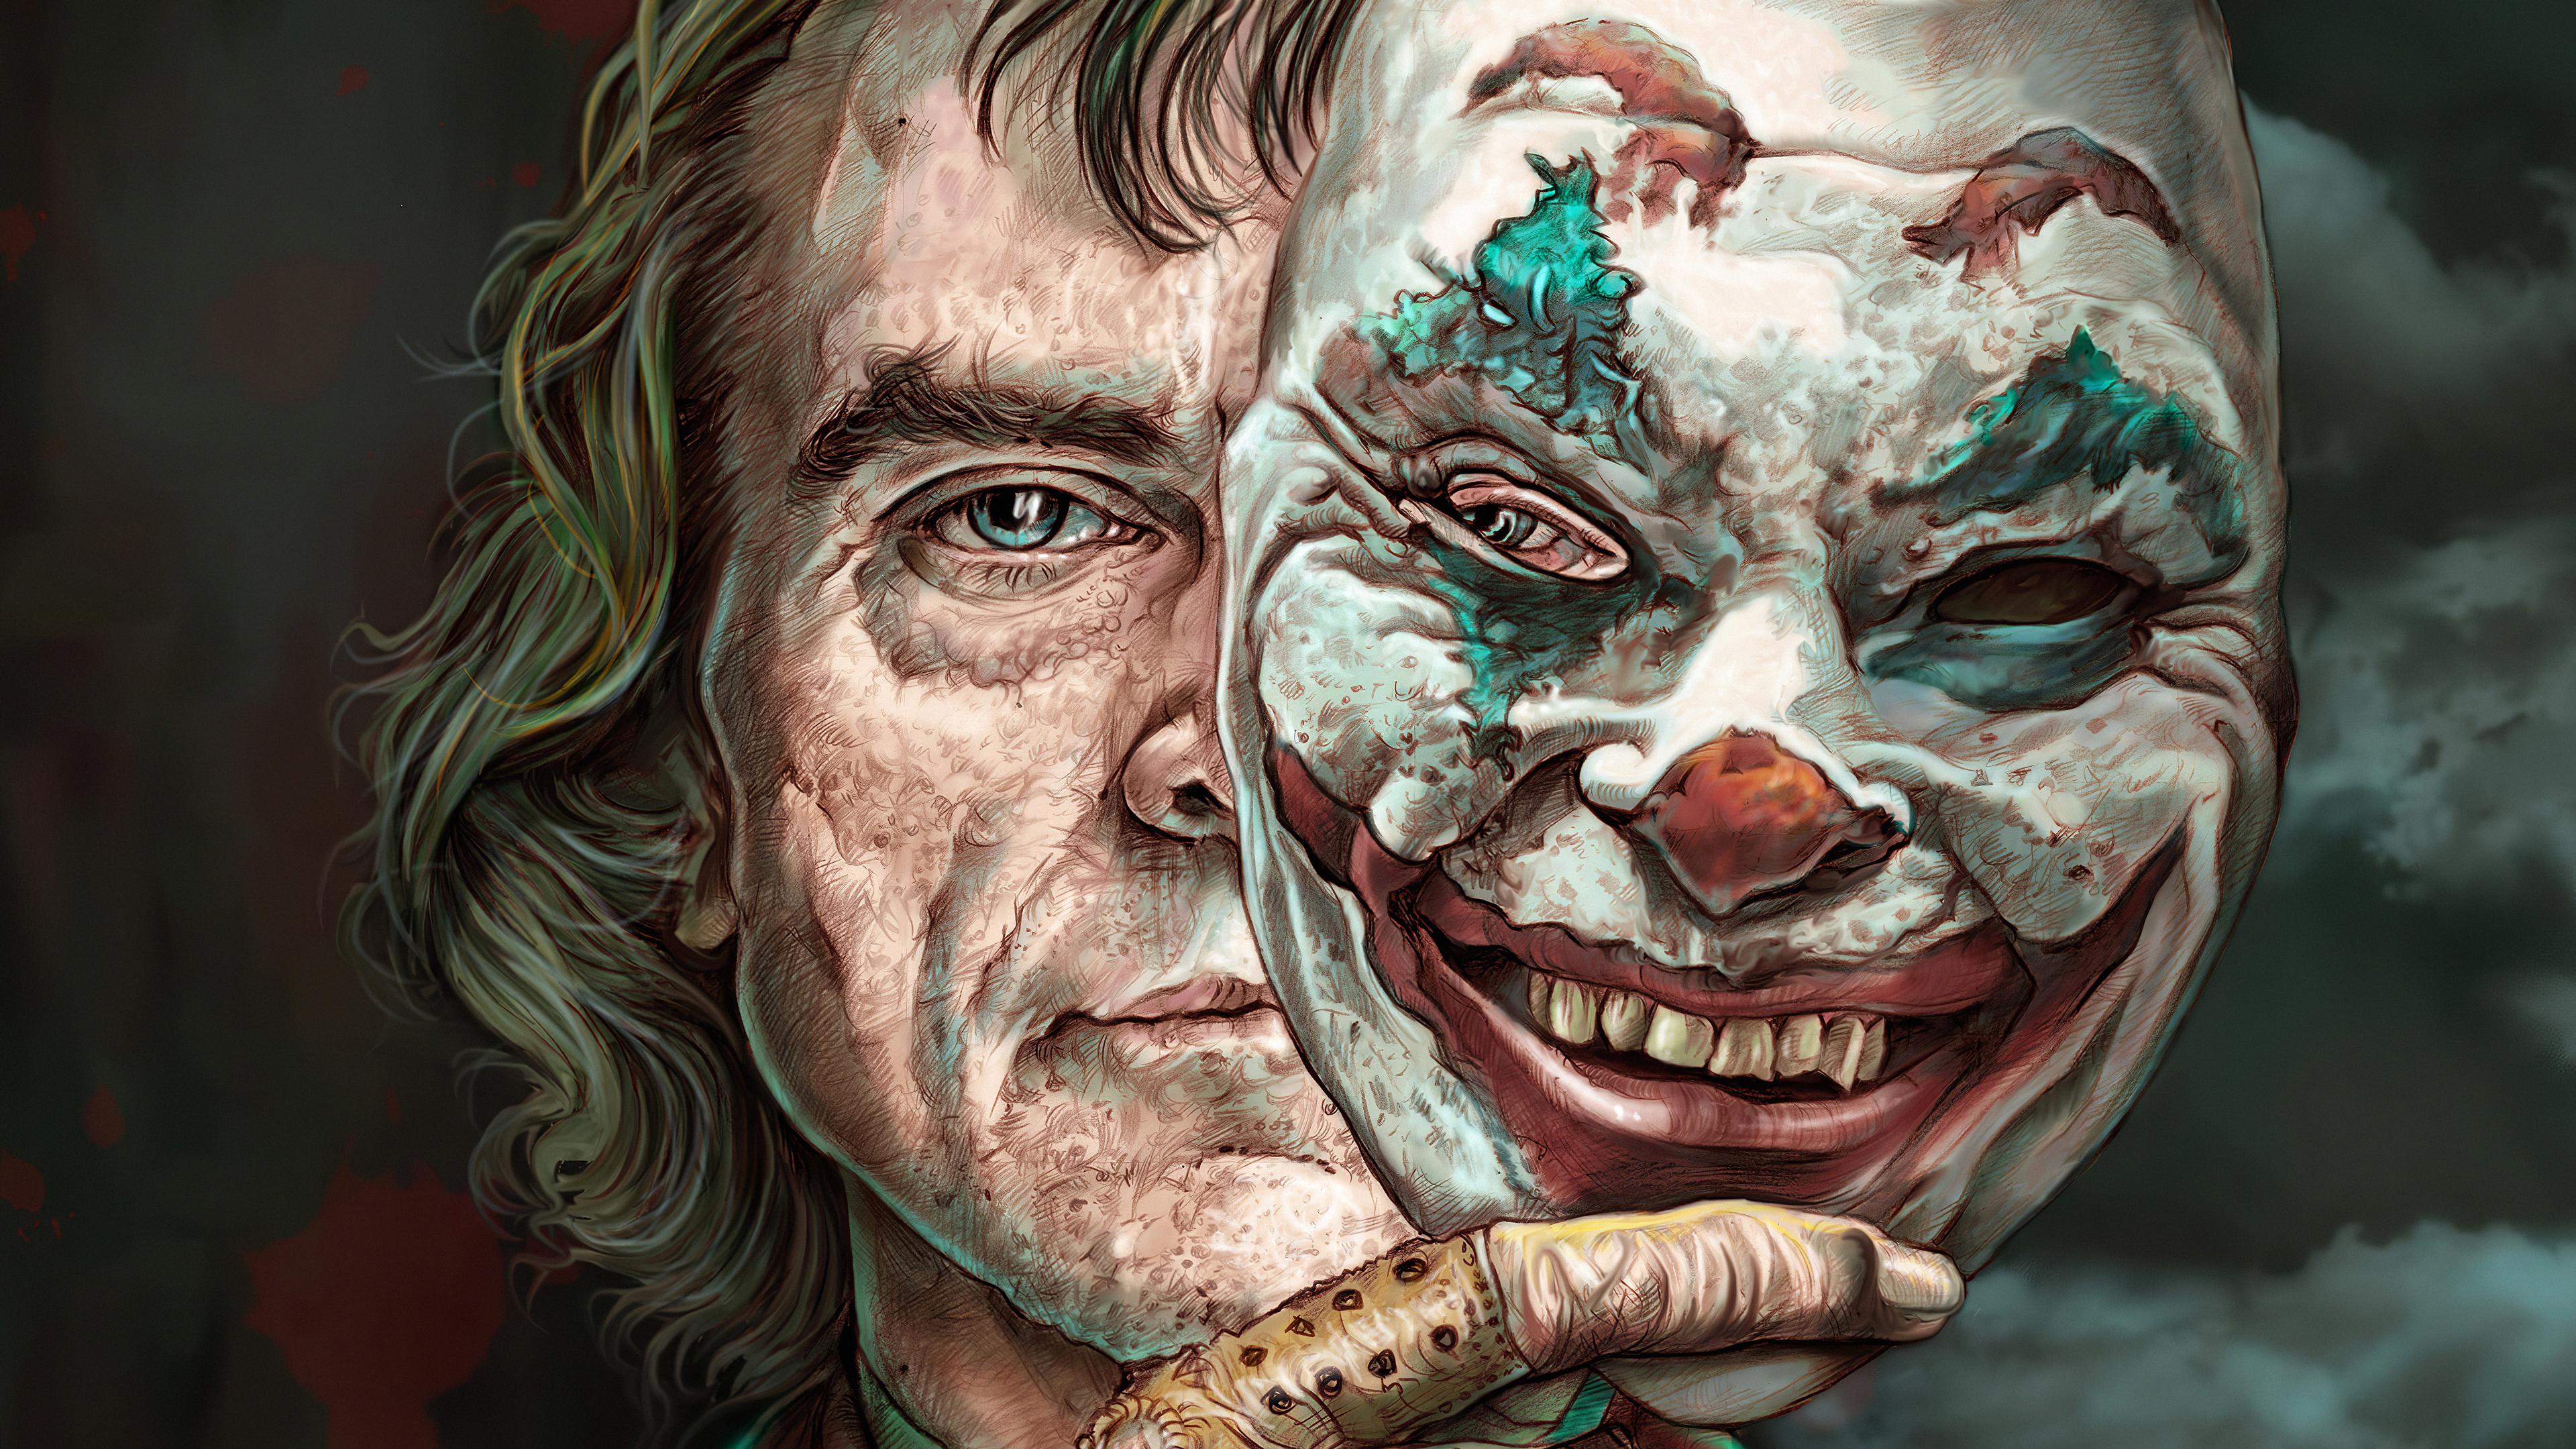 joker the mask 1576090680 - Joker the mask - Joker wallpaper hd 4k, Joker art wallpaper 4k